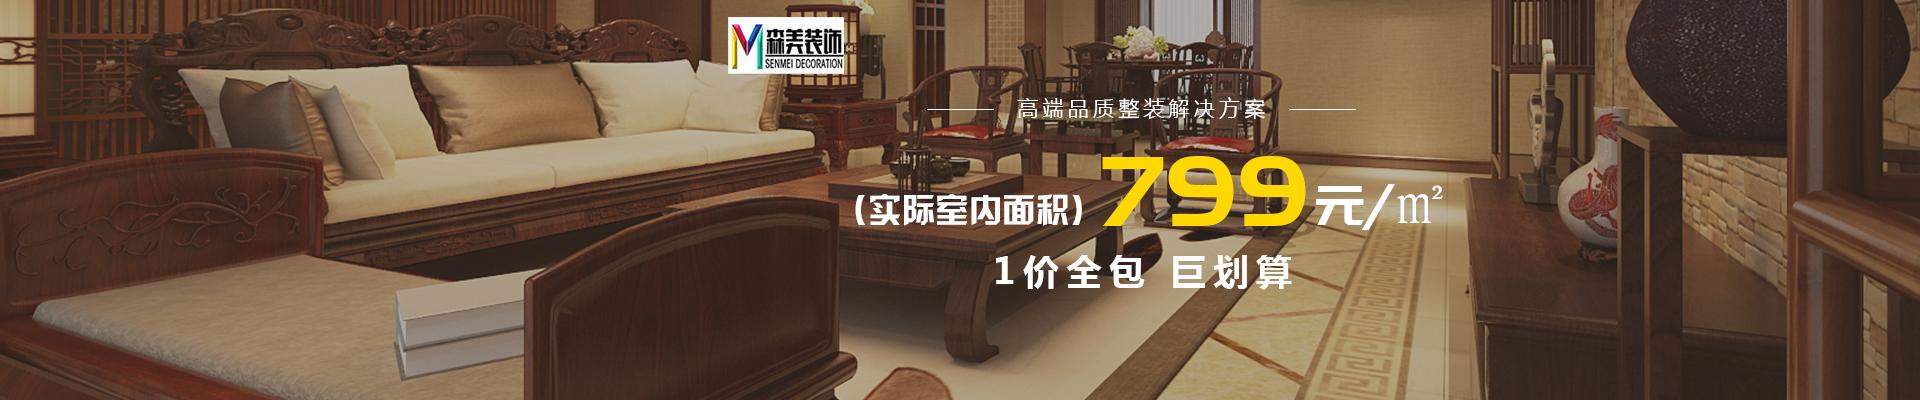 阳江市森美装饰工程有限公司